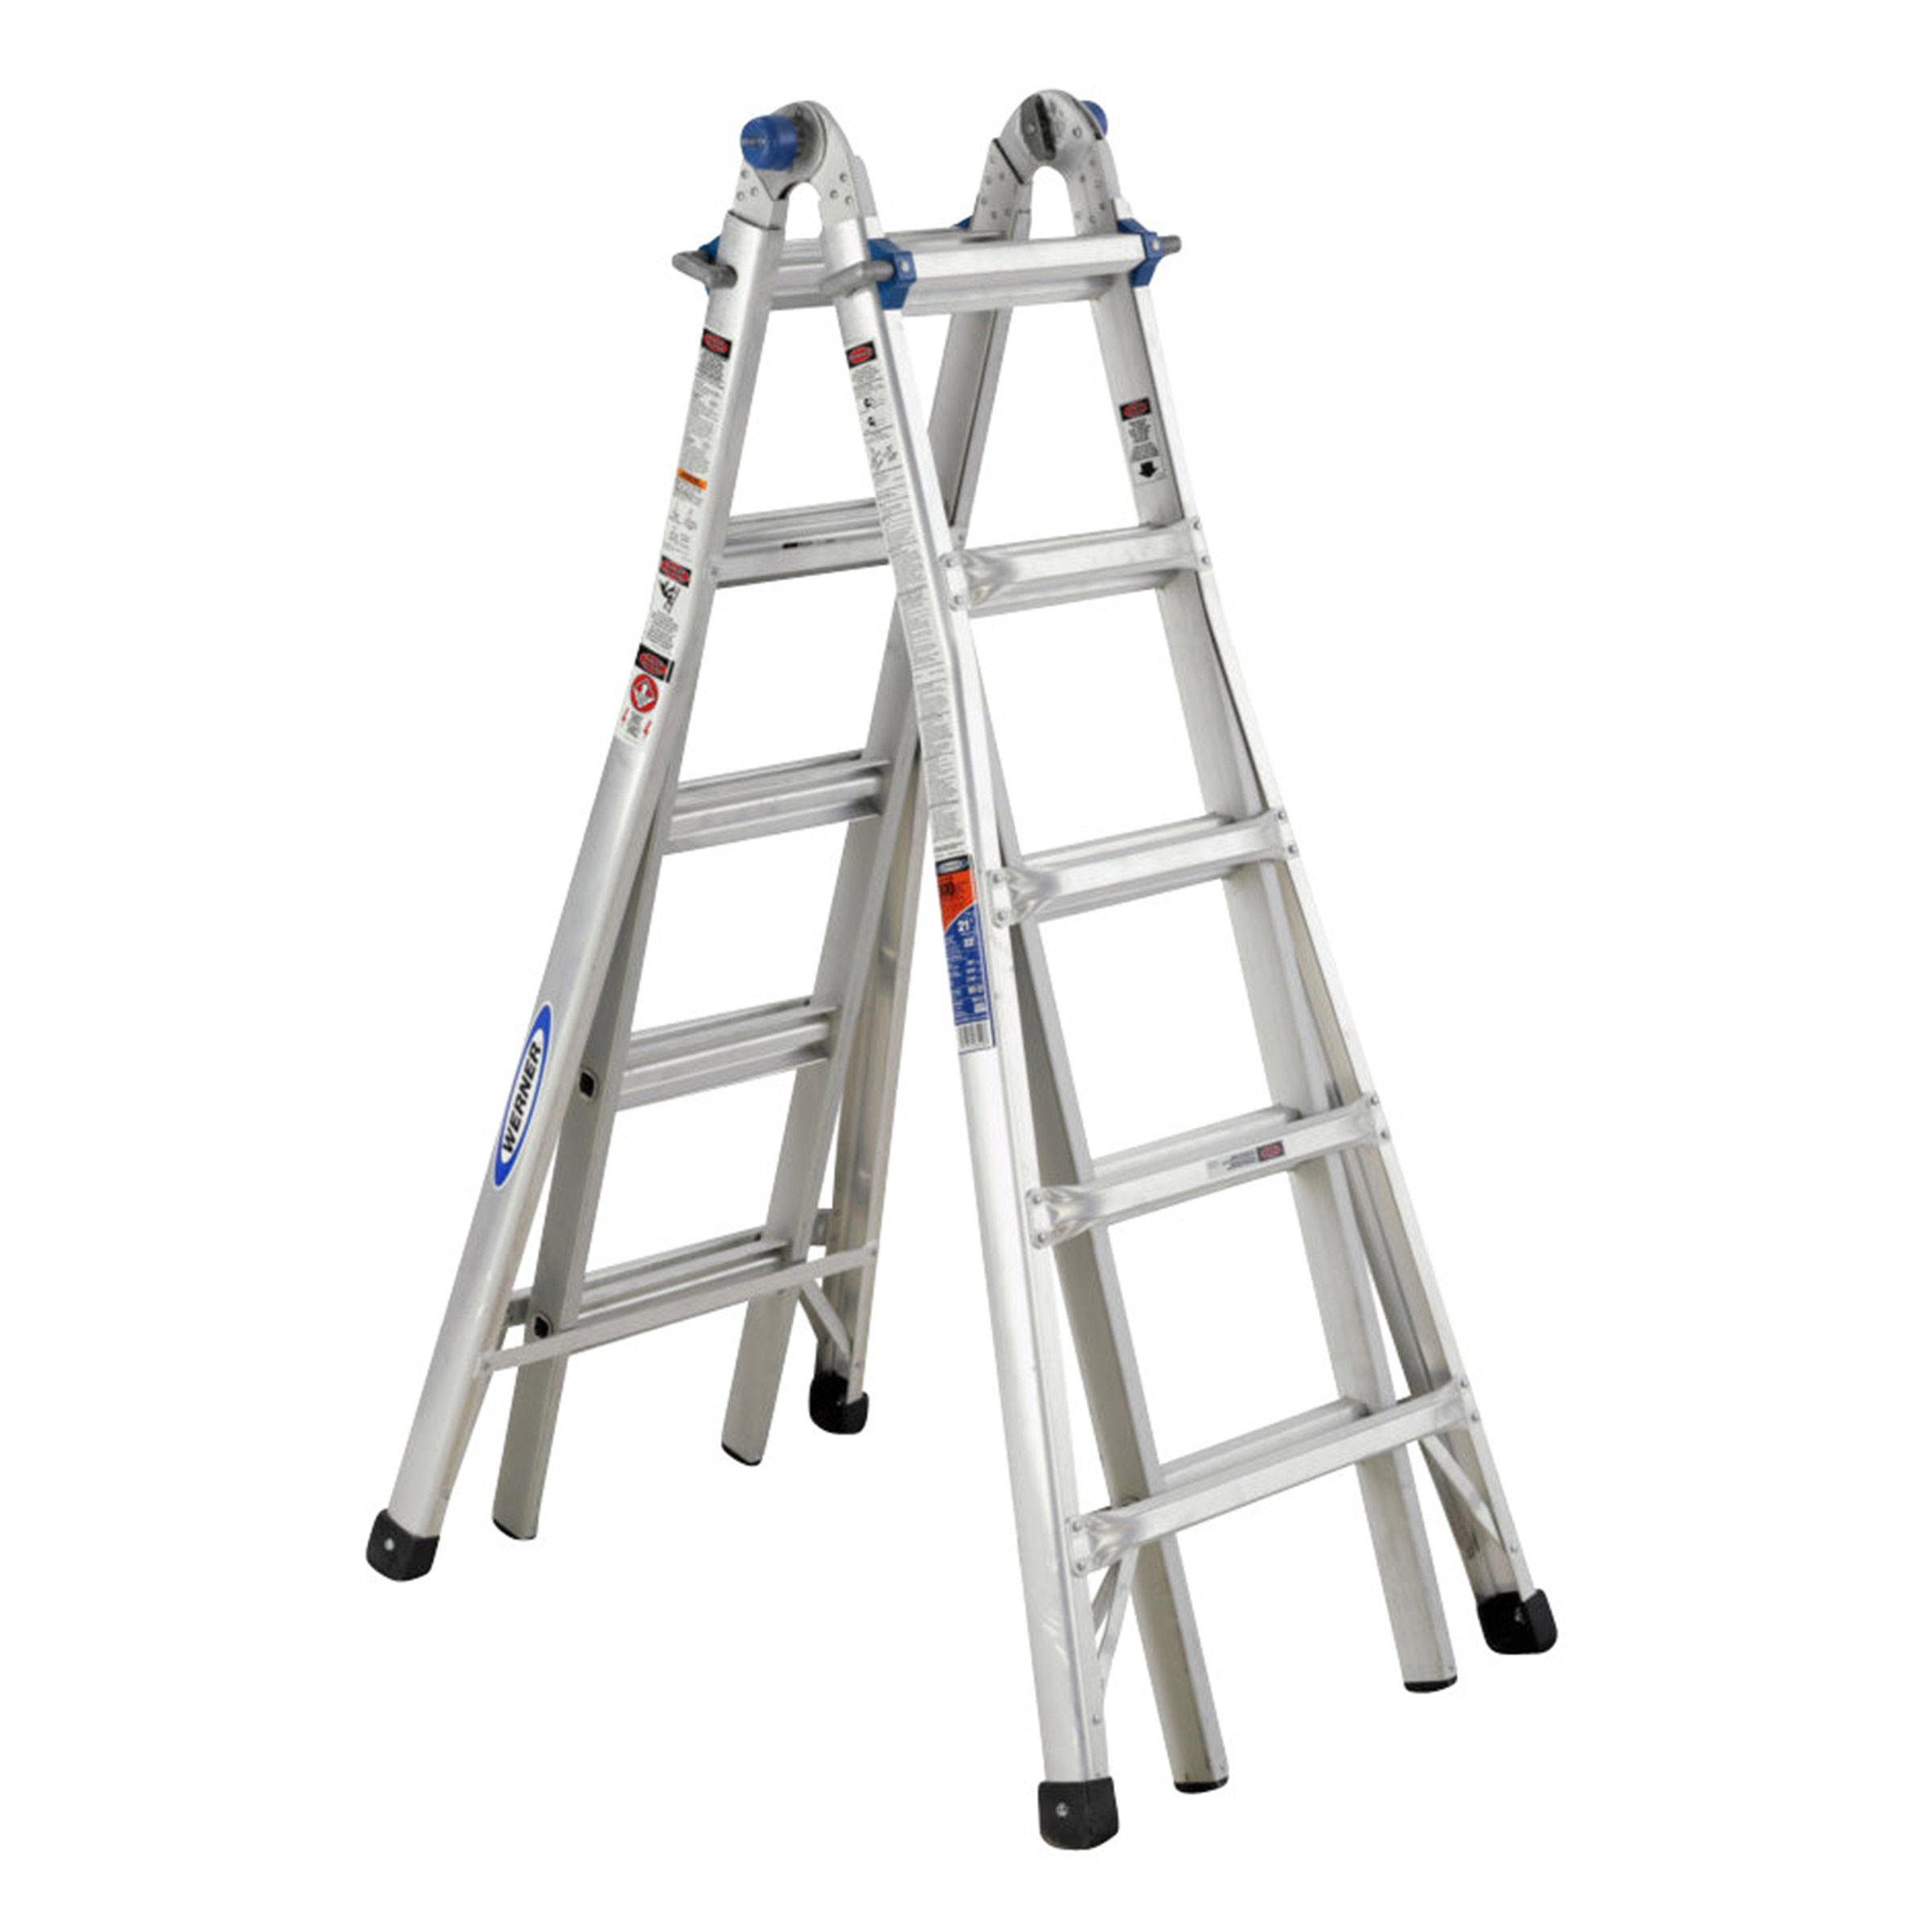 Toolstop Werner 75055 5.79M Telescopic Combination Ladder